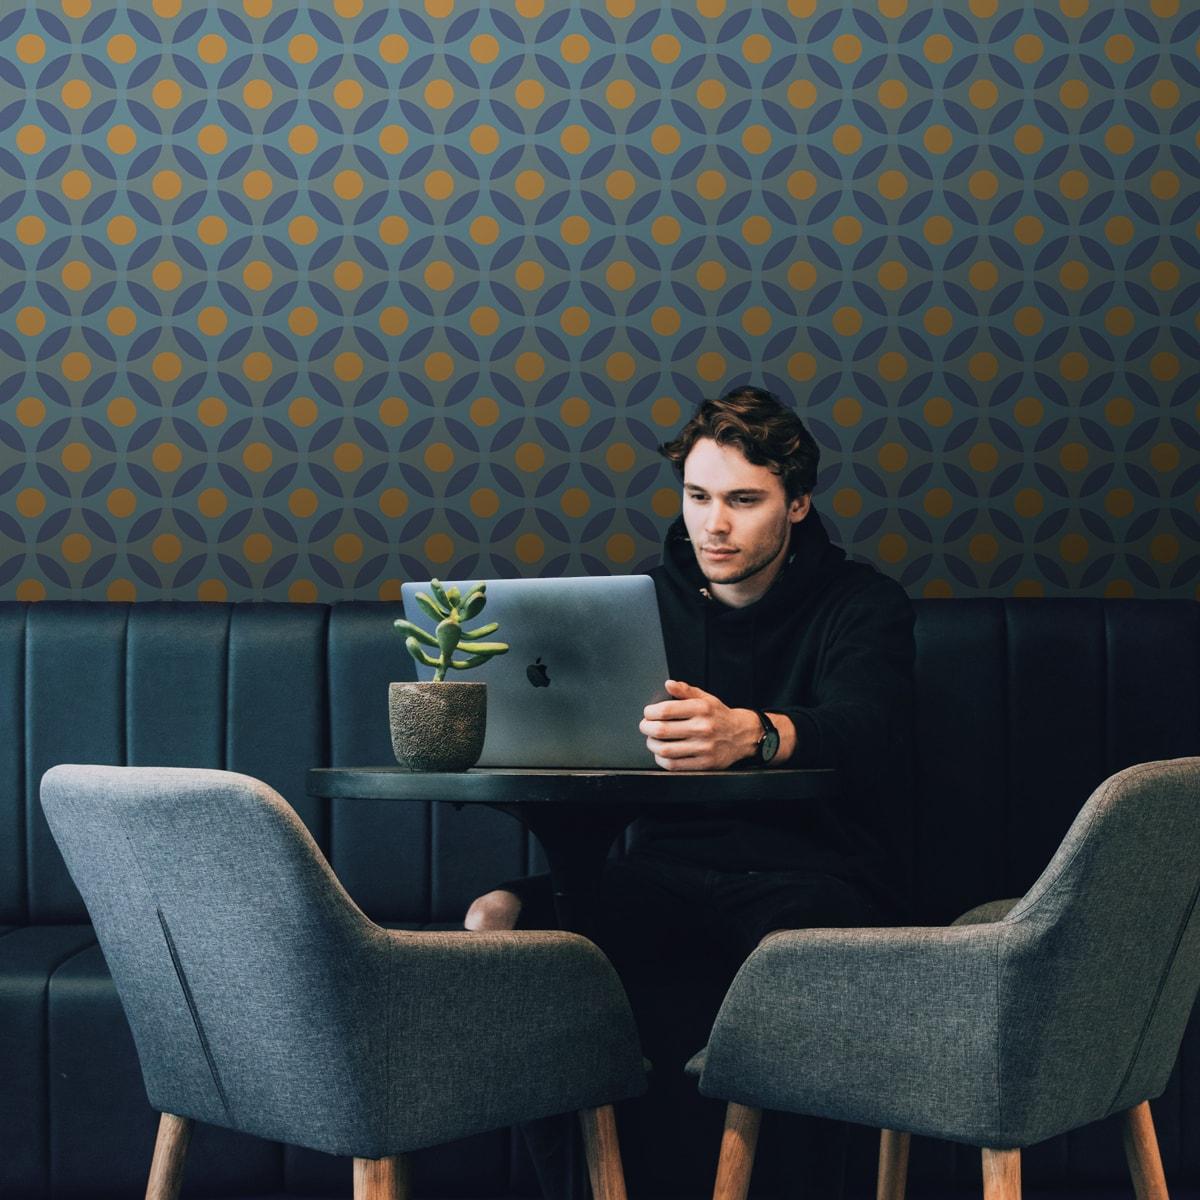 """Küchentapete dunkel blau: Moderne Retro Tapete """"Flower Dots"""" mit großen Punkten in senf orange Wandgestaltung Küche"""